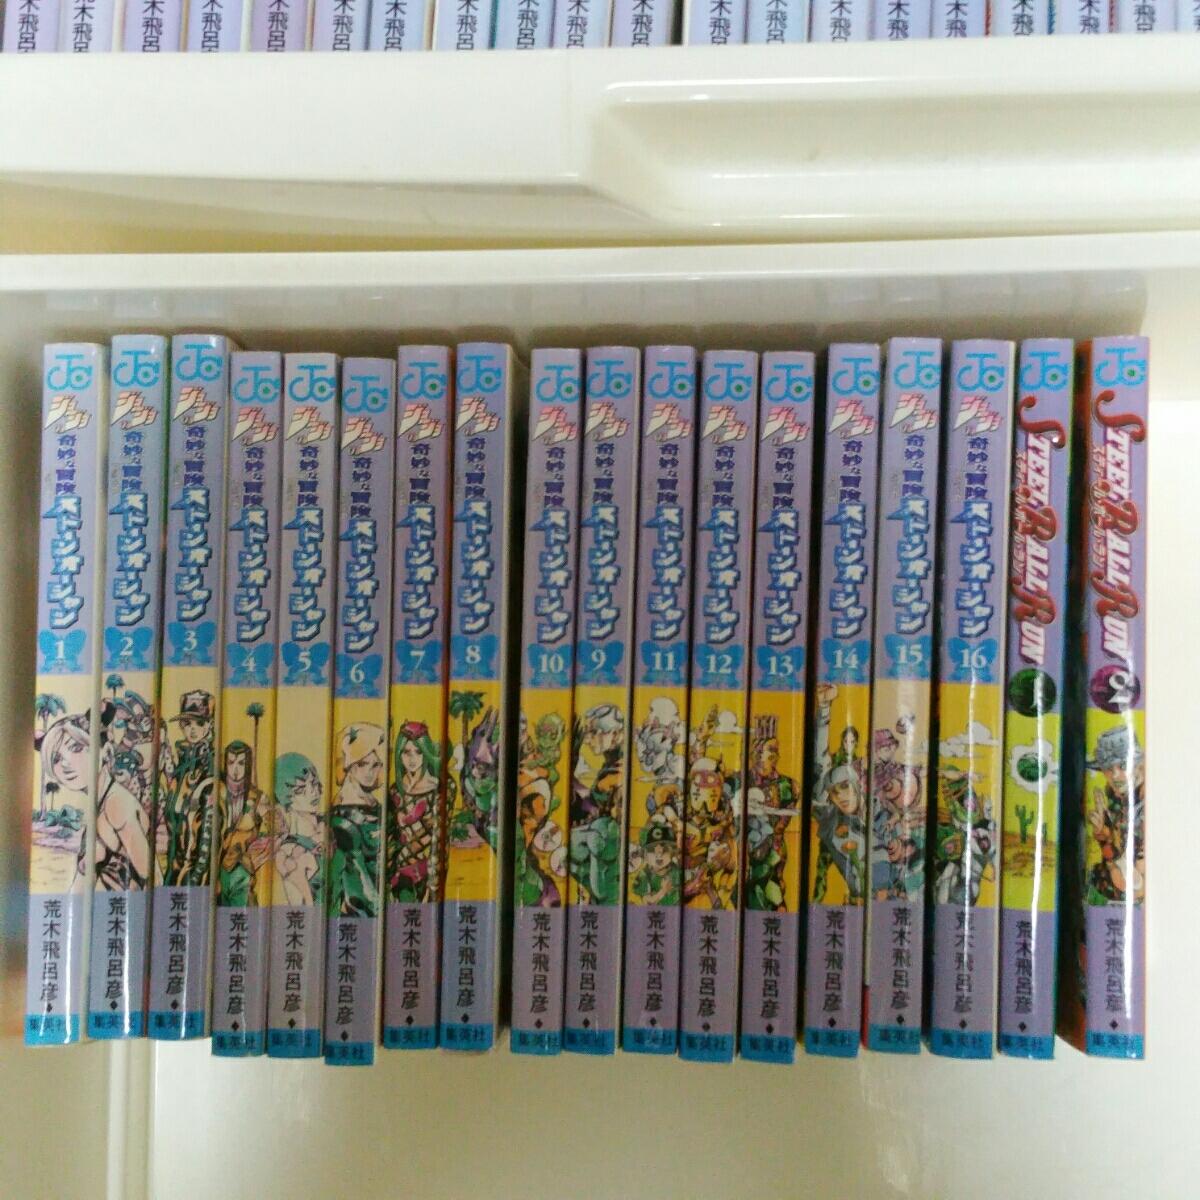 ジョジョの奇妙な冒険 1巻~79巻 スティールボールラン 1巻~2巻 _画像3